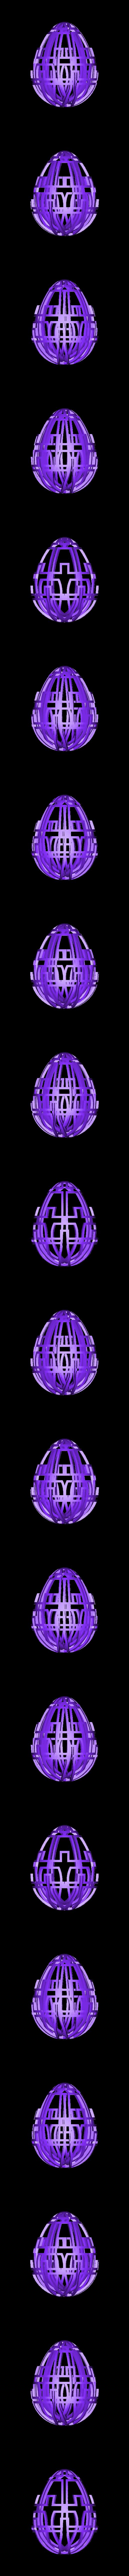 Easter_Egg_9-2020.stl Télécharger fichier STL gratuit Collection d'œufs de Pâques en résine 2 • Plan à imprimer en 3D, ChrisBobo